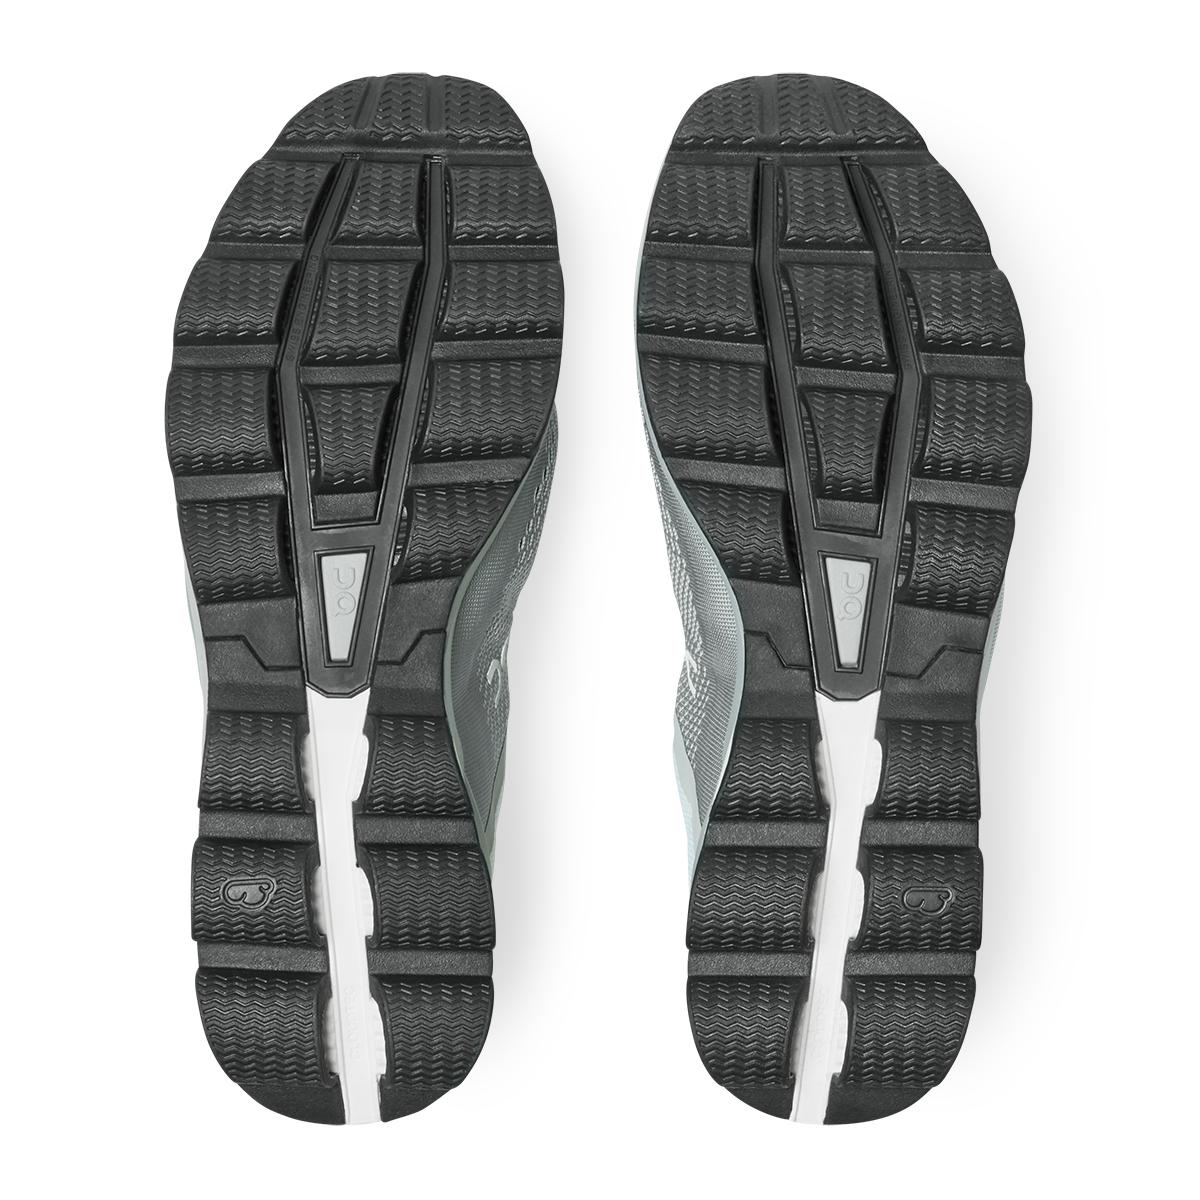 Men's On Cloudsurfer Running Shoe - Color: Glacier/Black - Size: 7 - Width: Regular, Glacier/Black, large, image 5